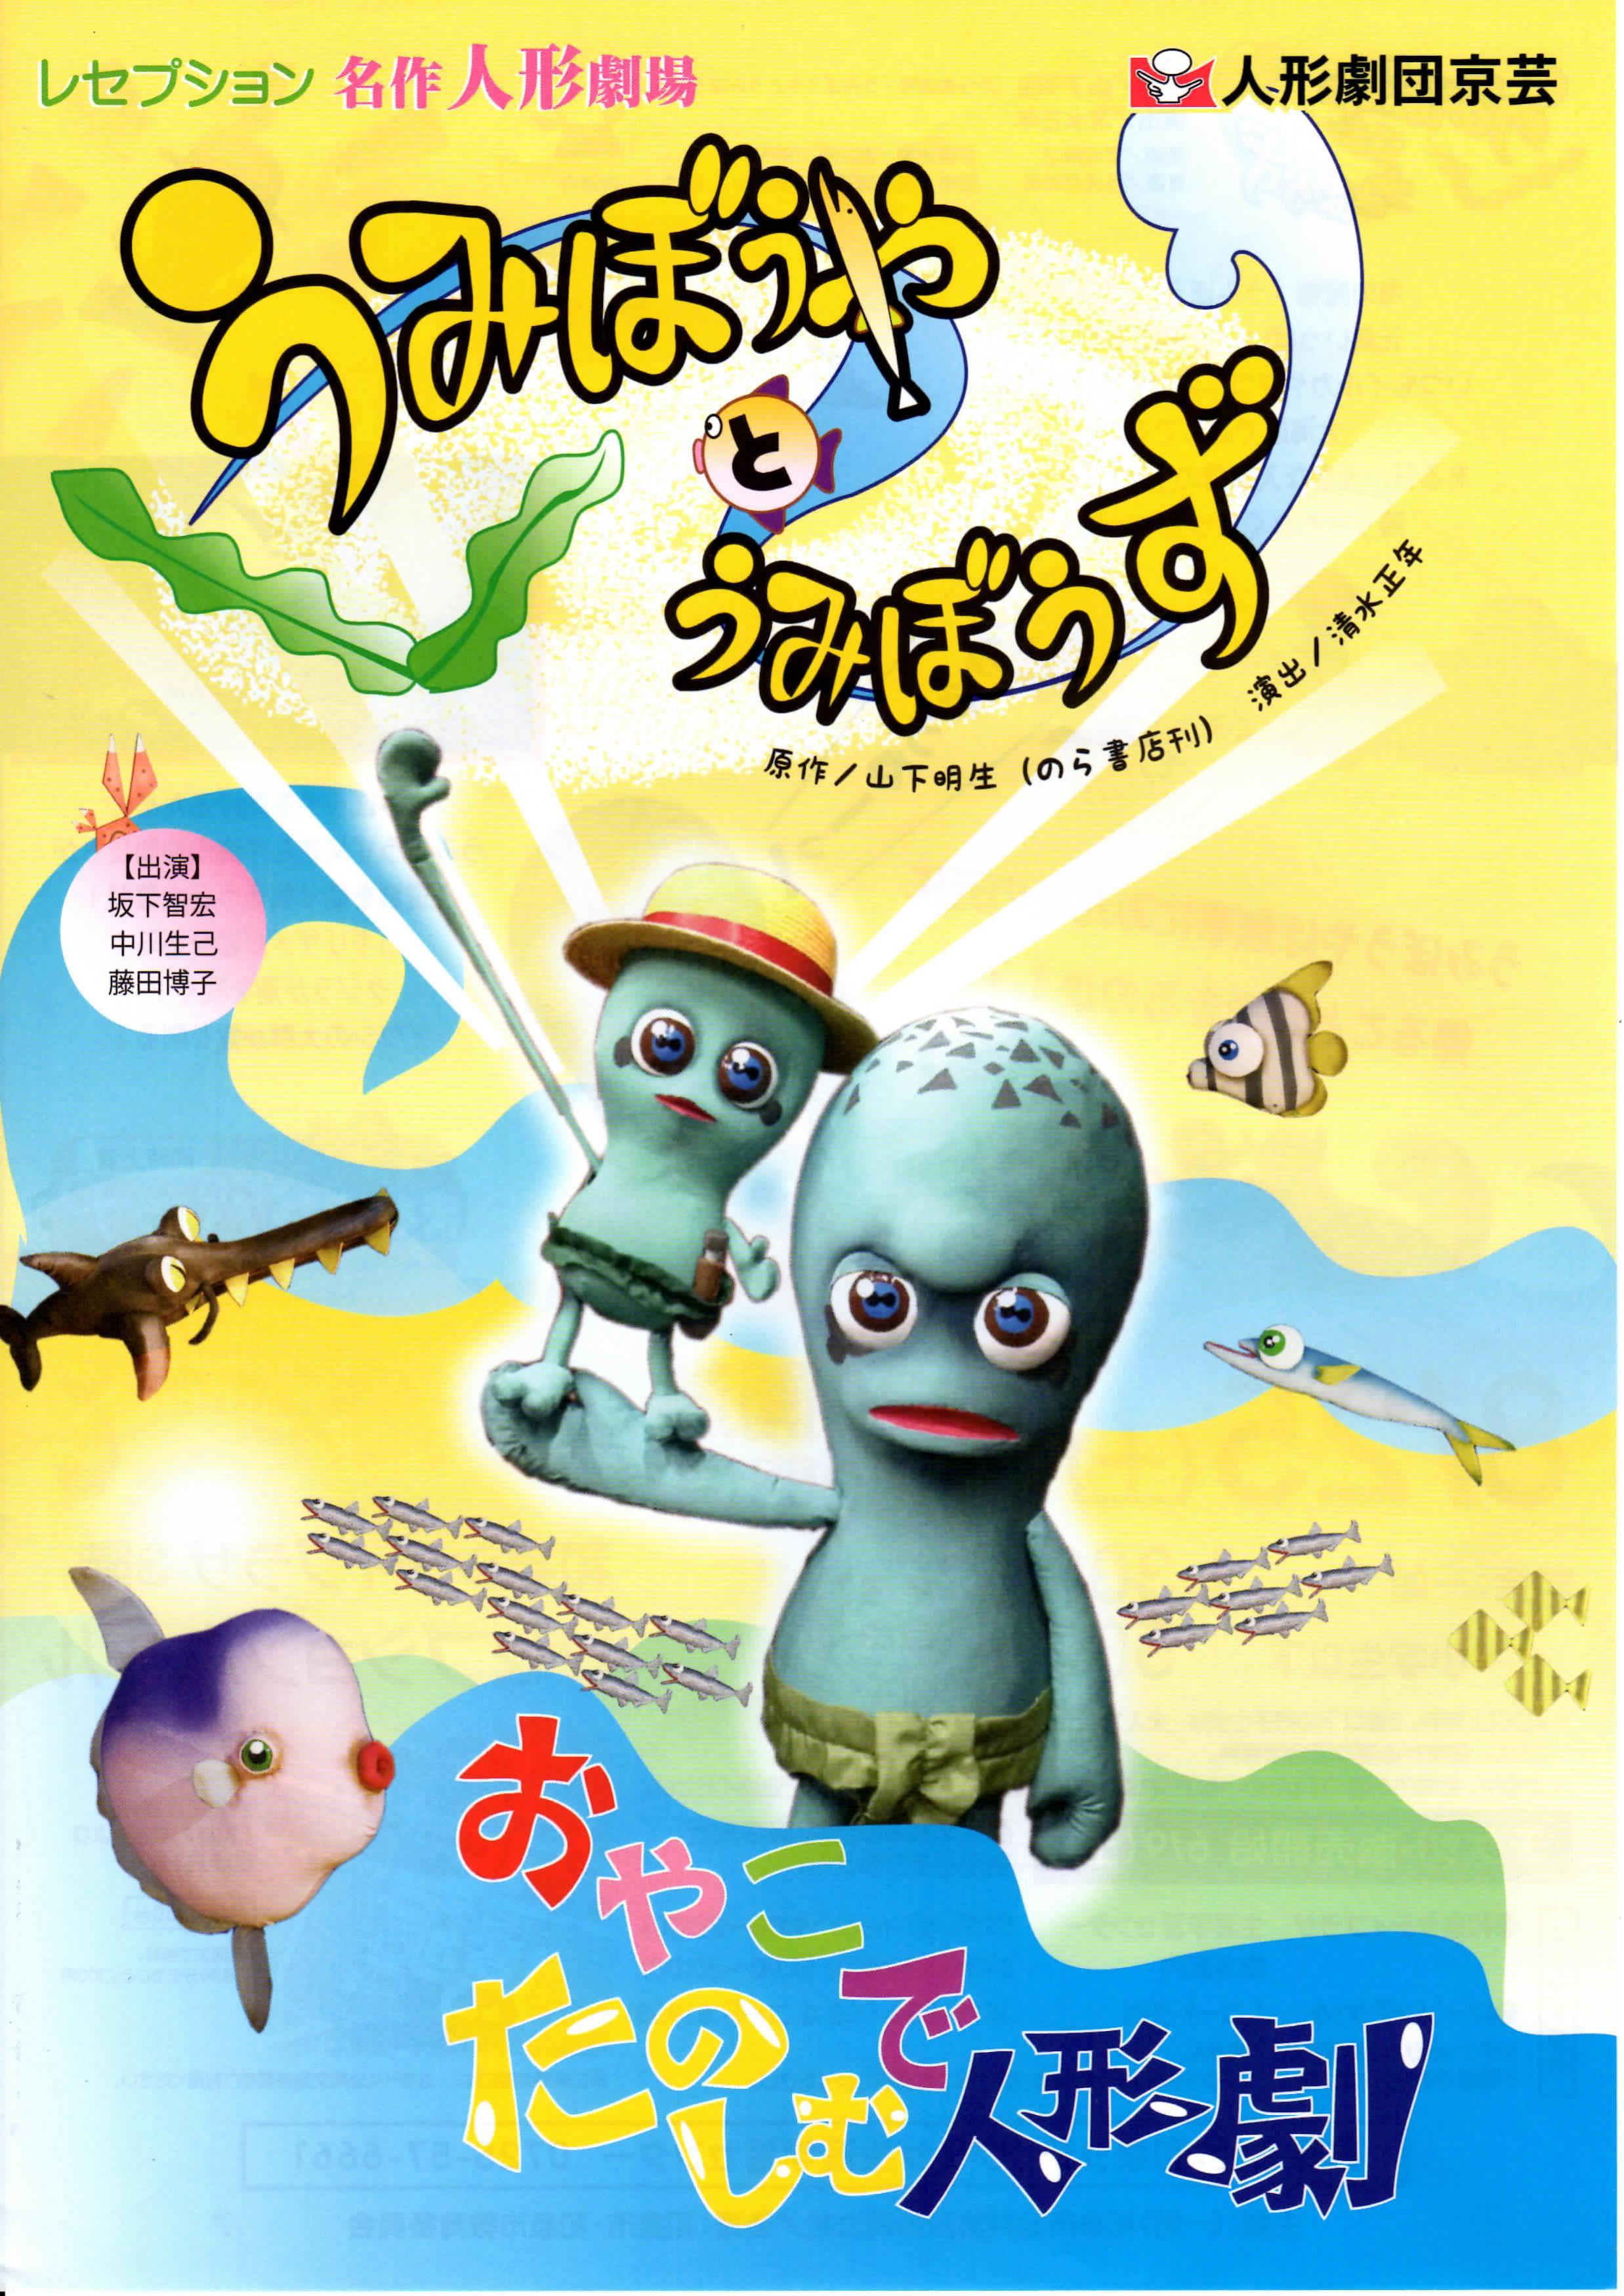 8/25(土)レセプション名作人形劇場「うみぼうやとうみぼうず」~和泉シティプラザ3階レセプションホールにて